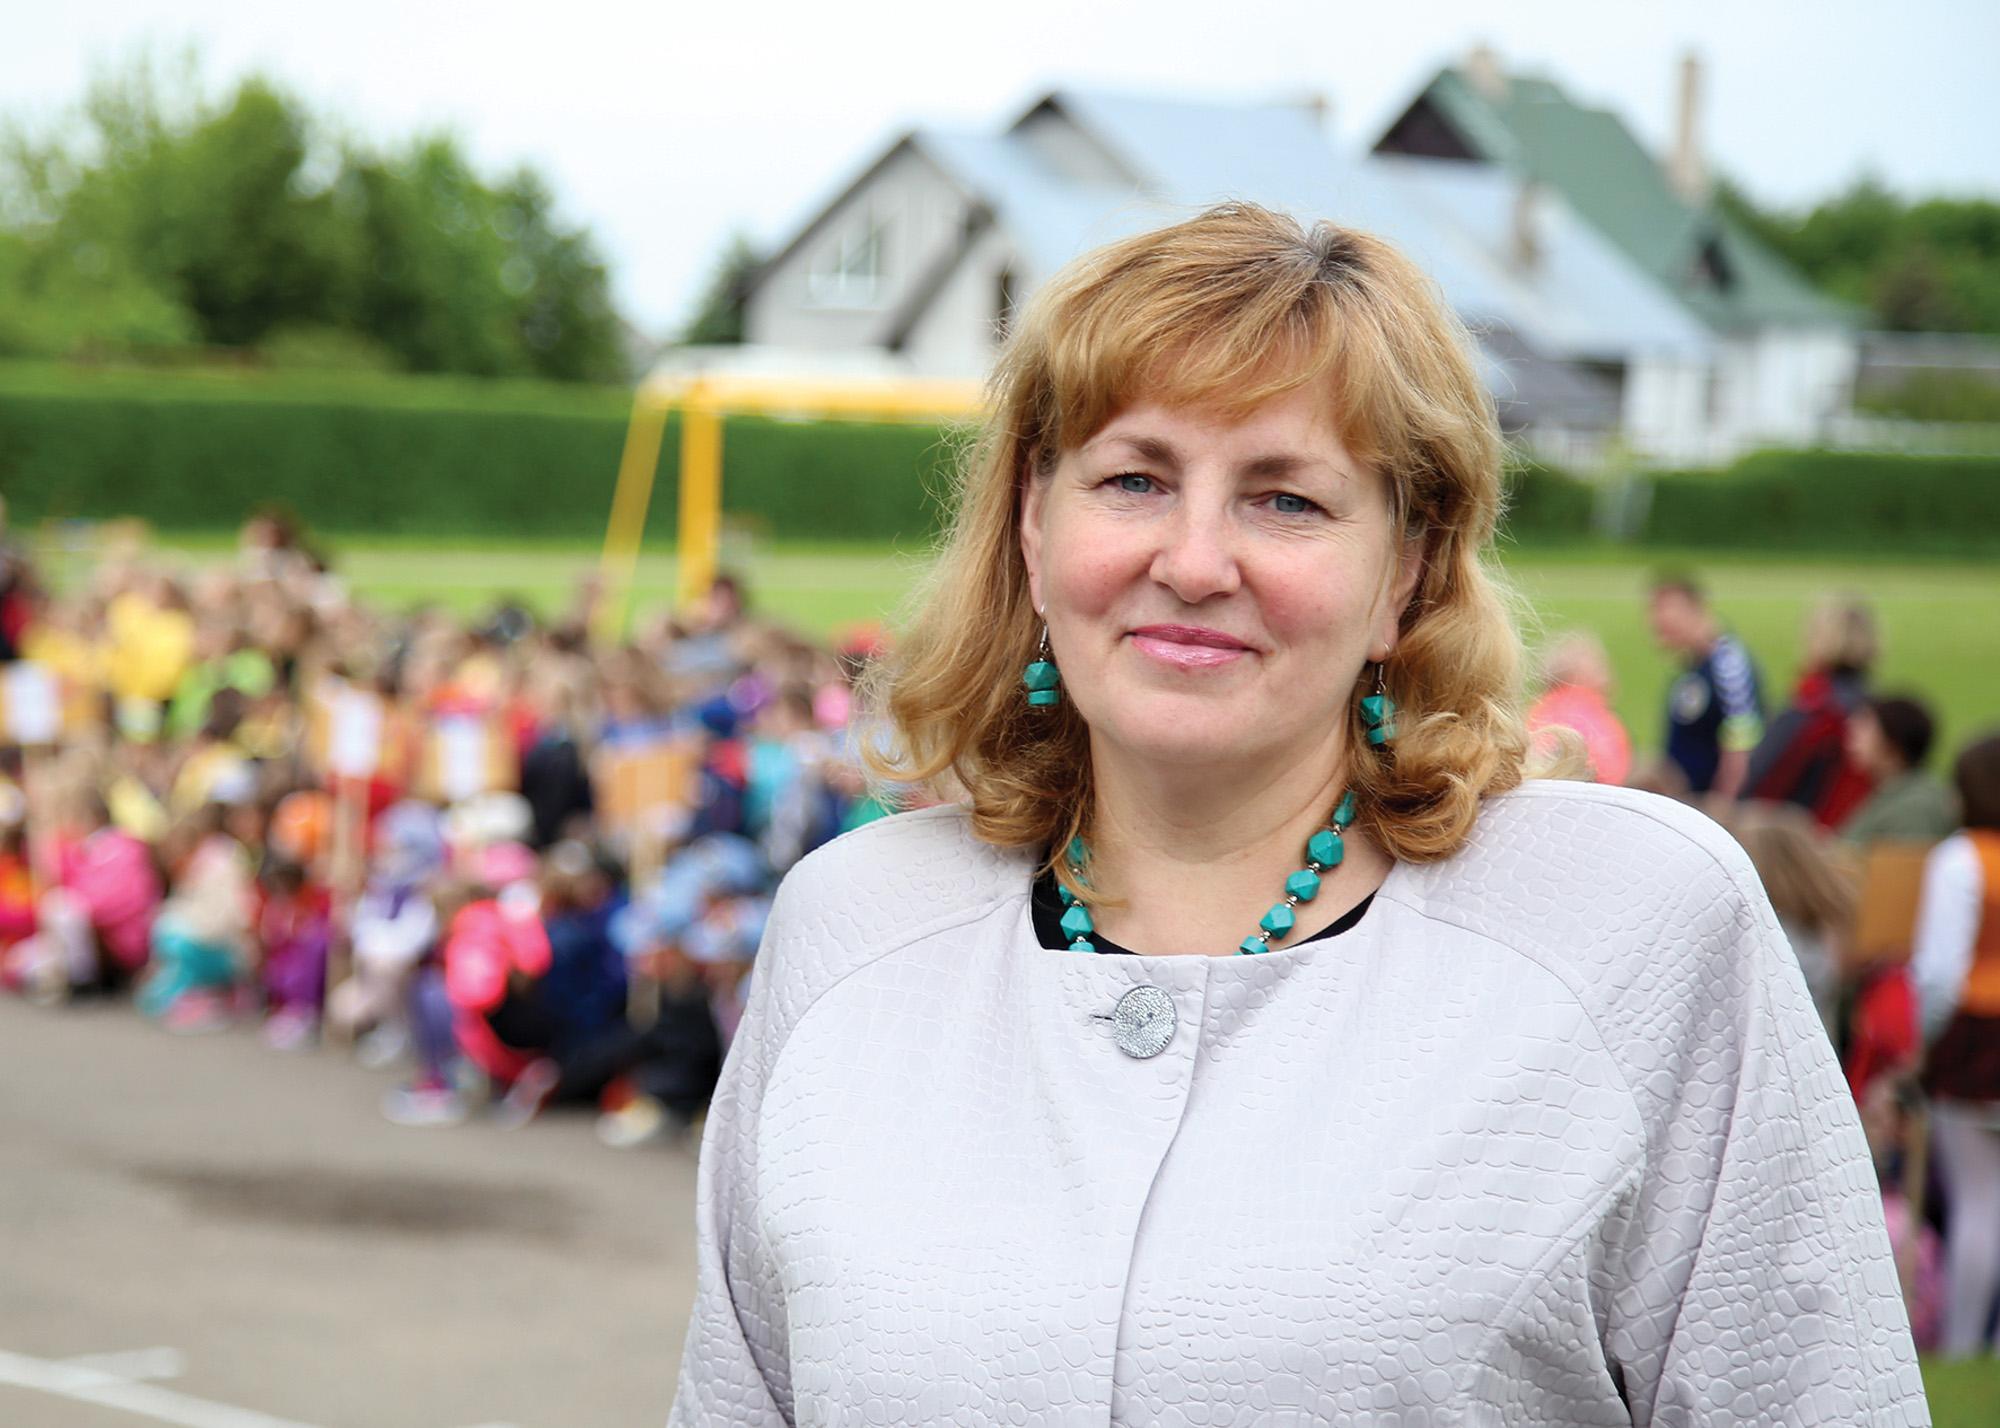 Direktoriaus pavaduotoja ugdymui Rita Lukoševičienė. G. Minelgaitės-Dautorės nuotr.